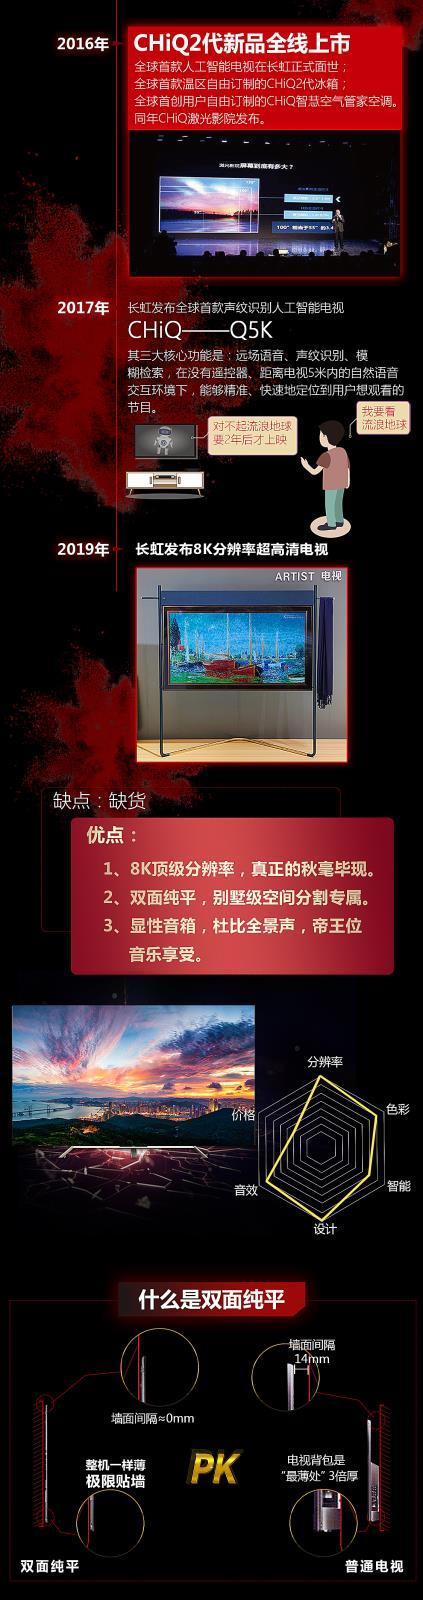 明明可以造雷达 长虹人却用了60年时间造电视